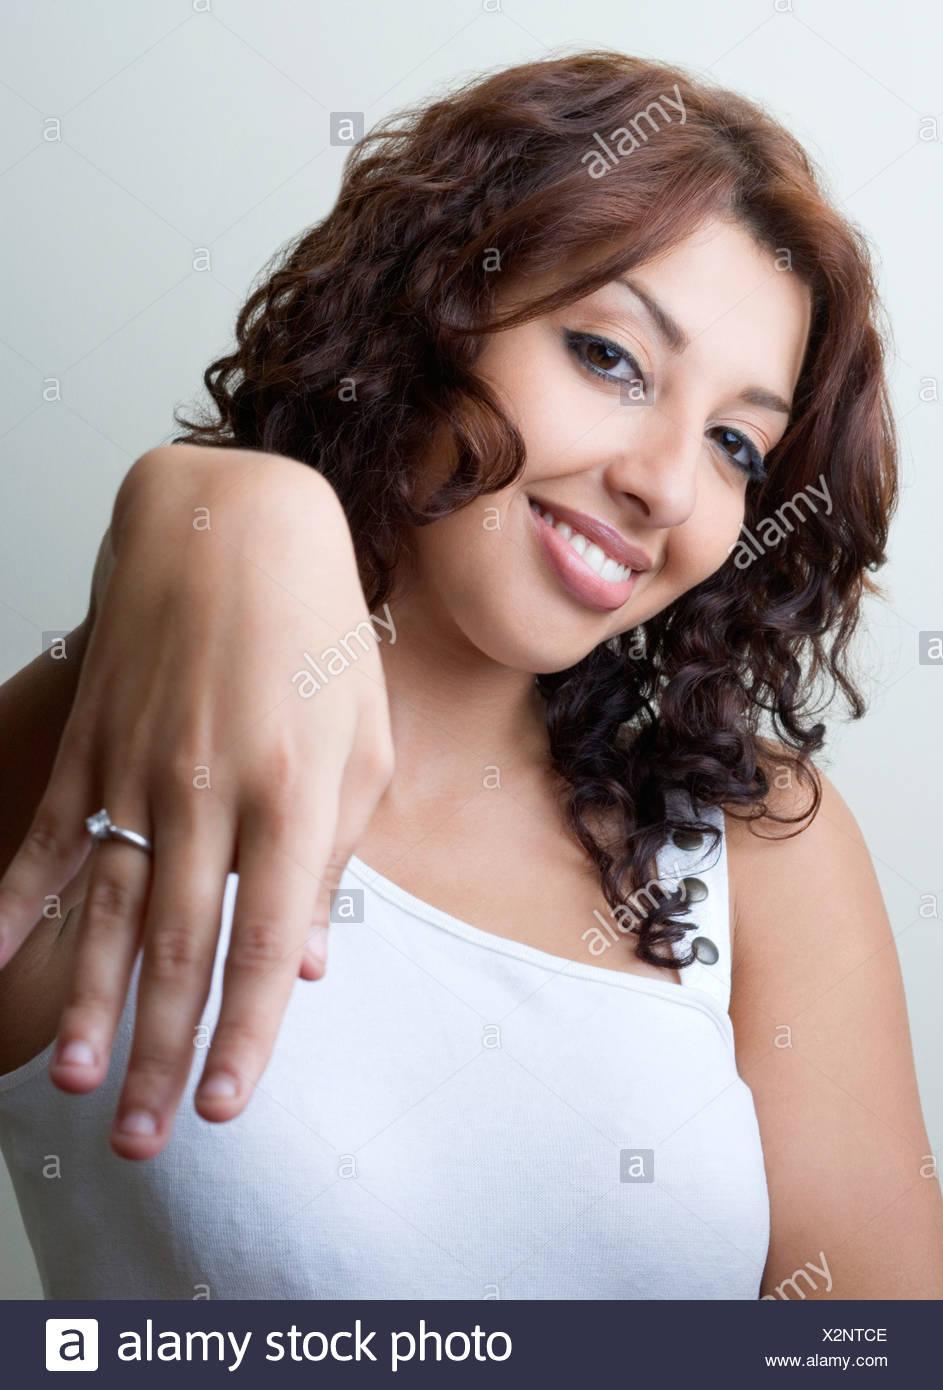 Portrat Einer Jungen Frau Zeigt Ihren Verlobungsring Stockfoto Bild